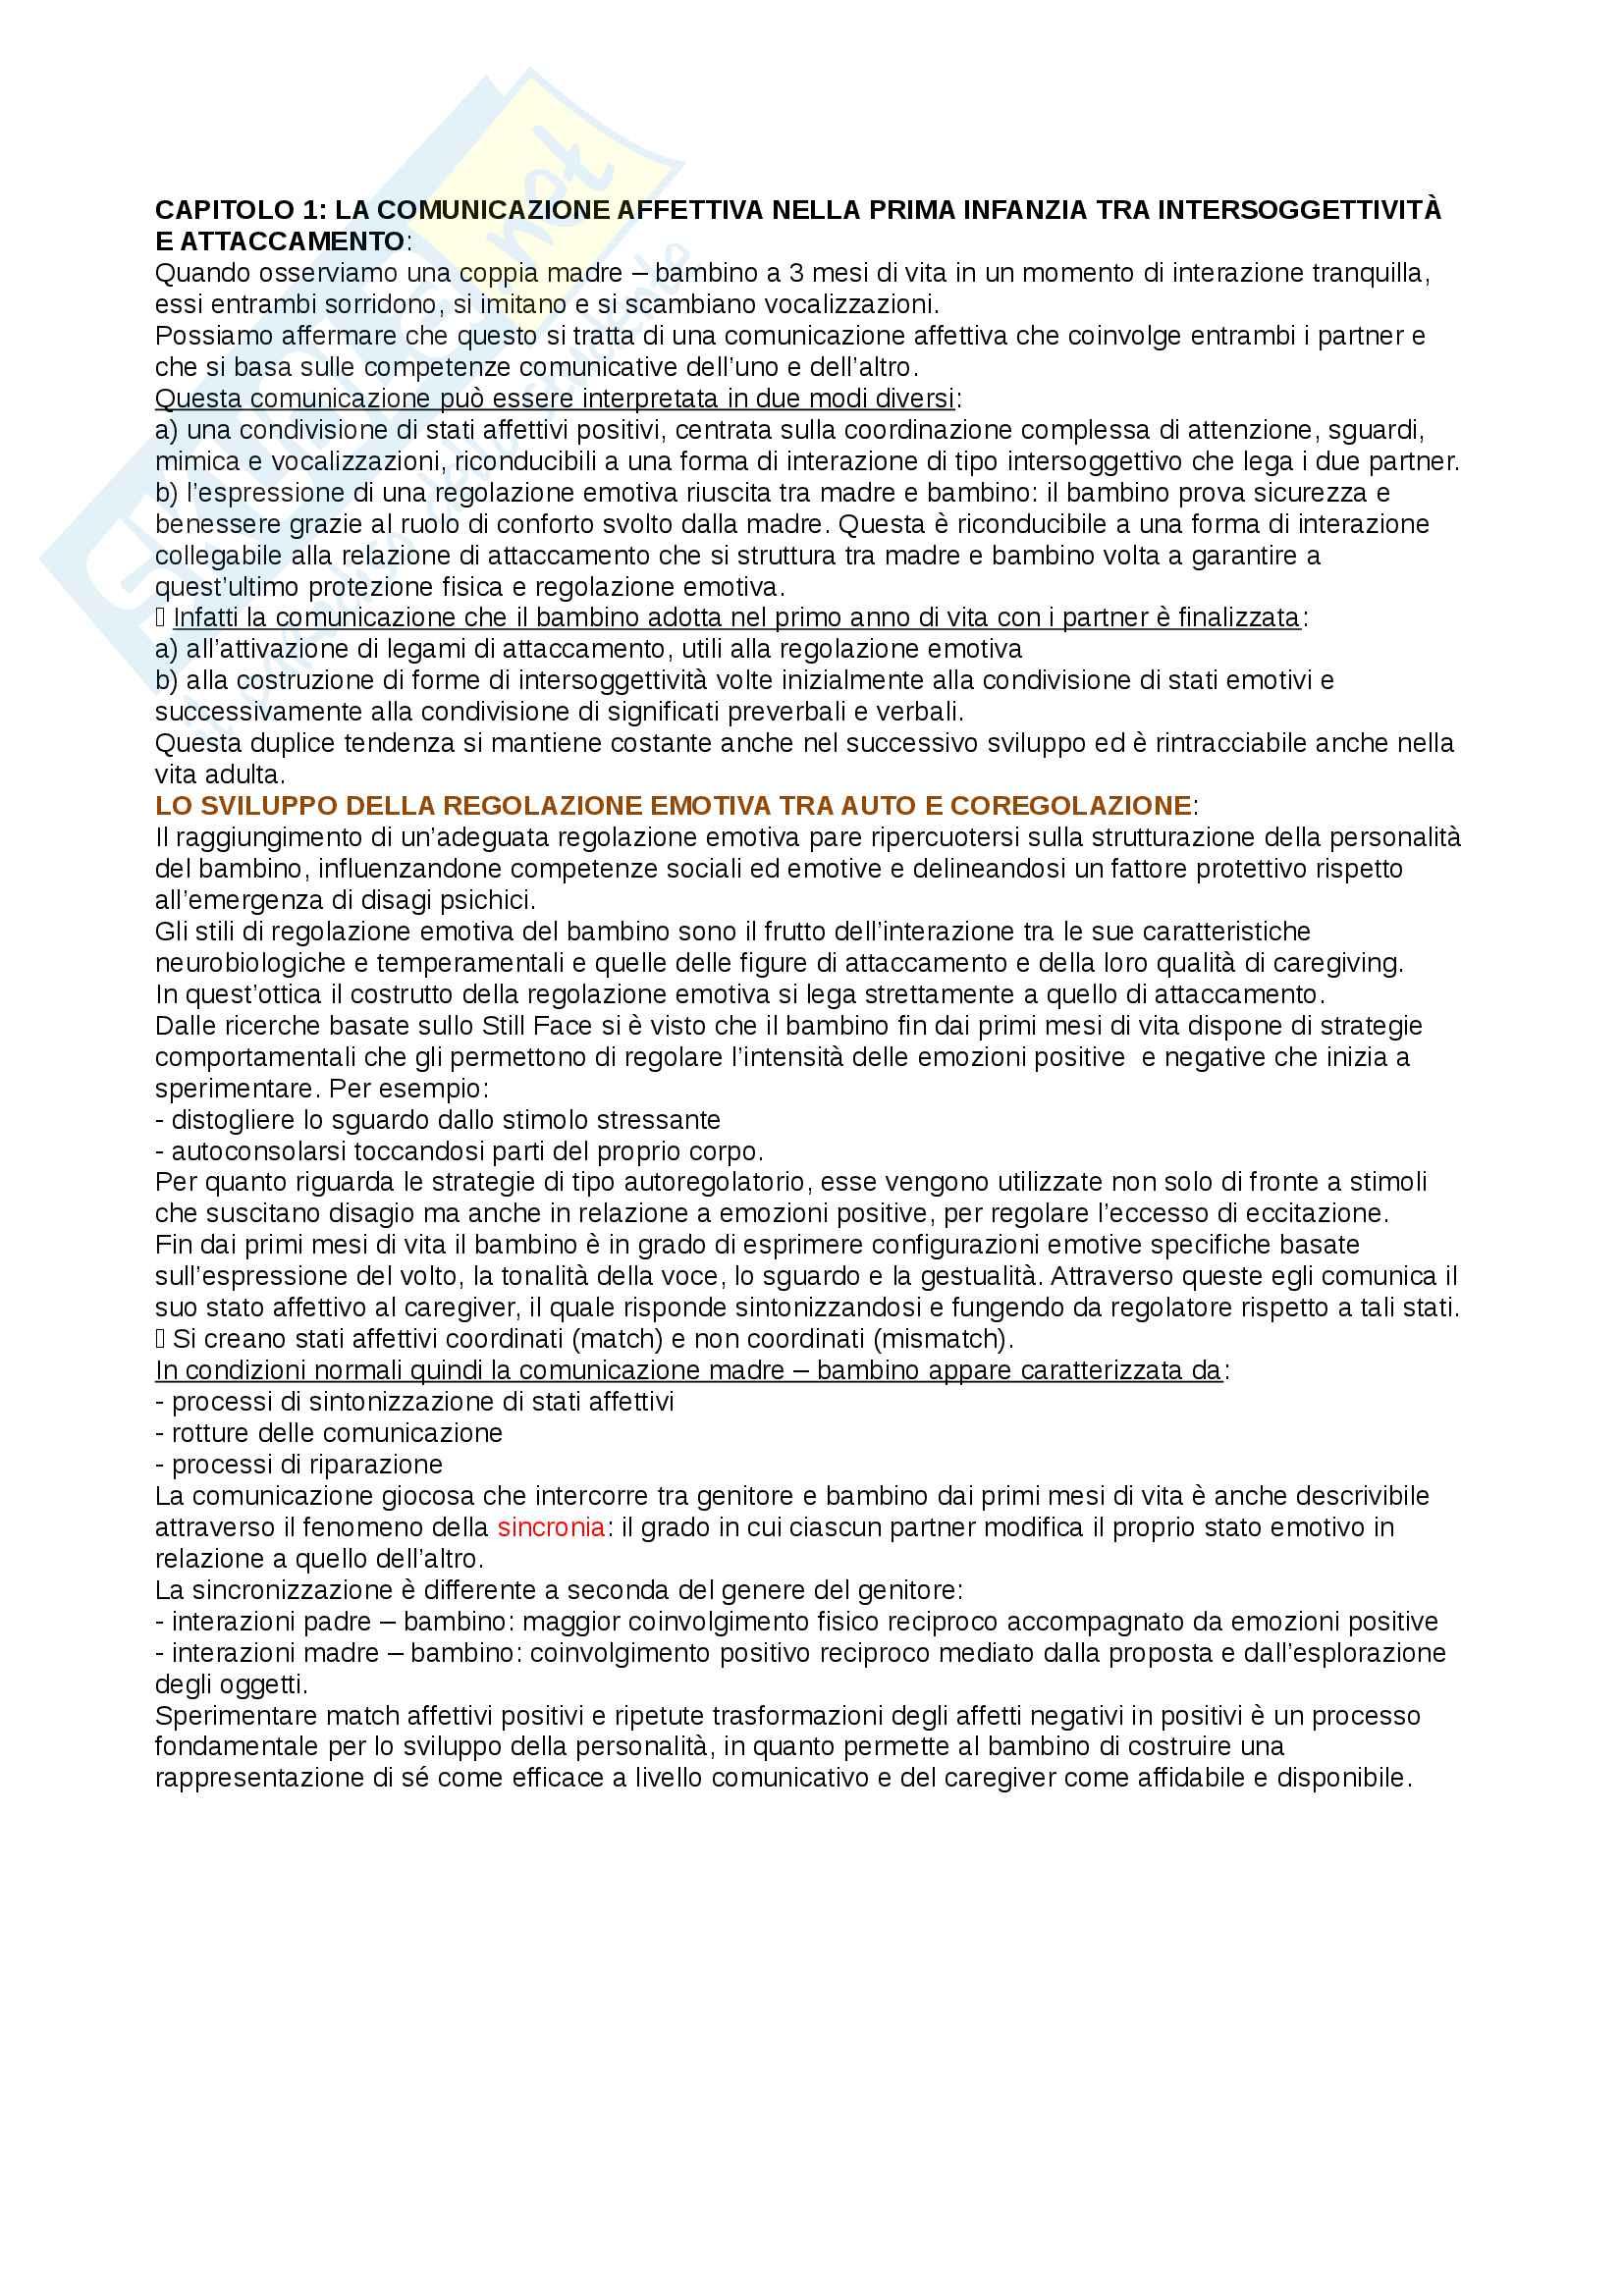 Sunto di psicologia dello sviluppo socio-affettivo, prof Riva Crugnola. Libro consigliato La relazione genitore bambino. Tra adeguatezza e rischio